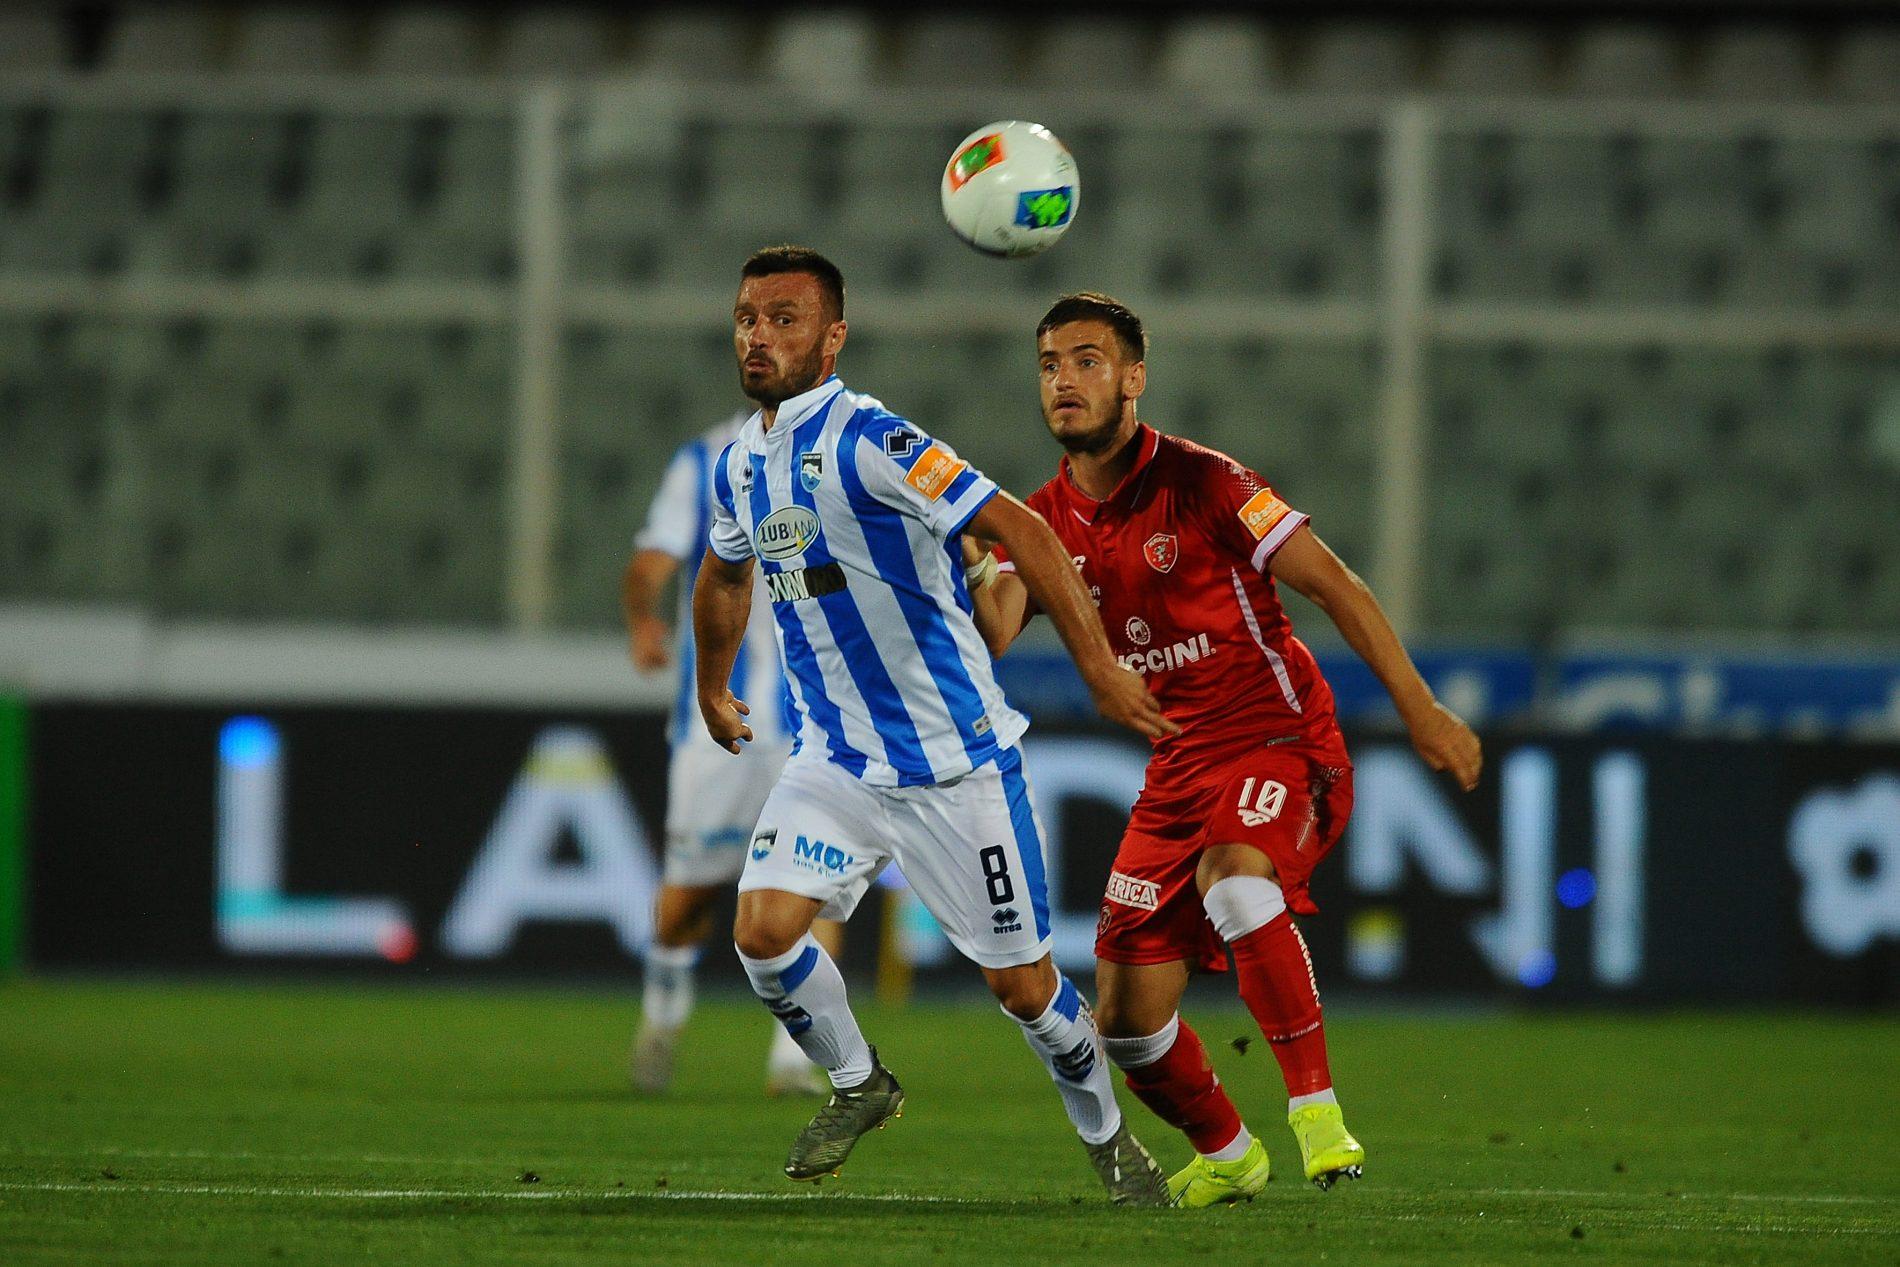 Serie B, il Collegio di Garanzia respinge il ricorso: Trapani retrocesso